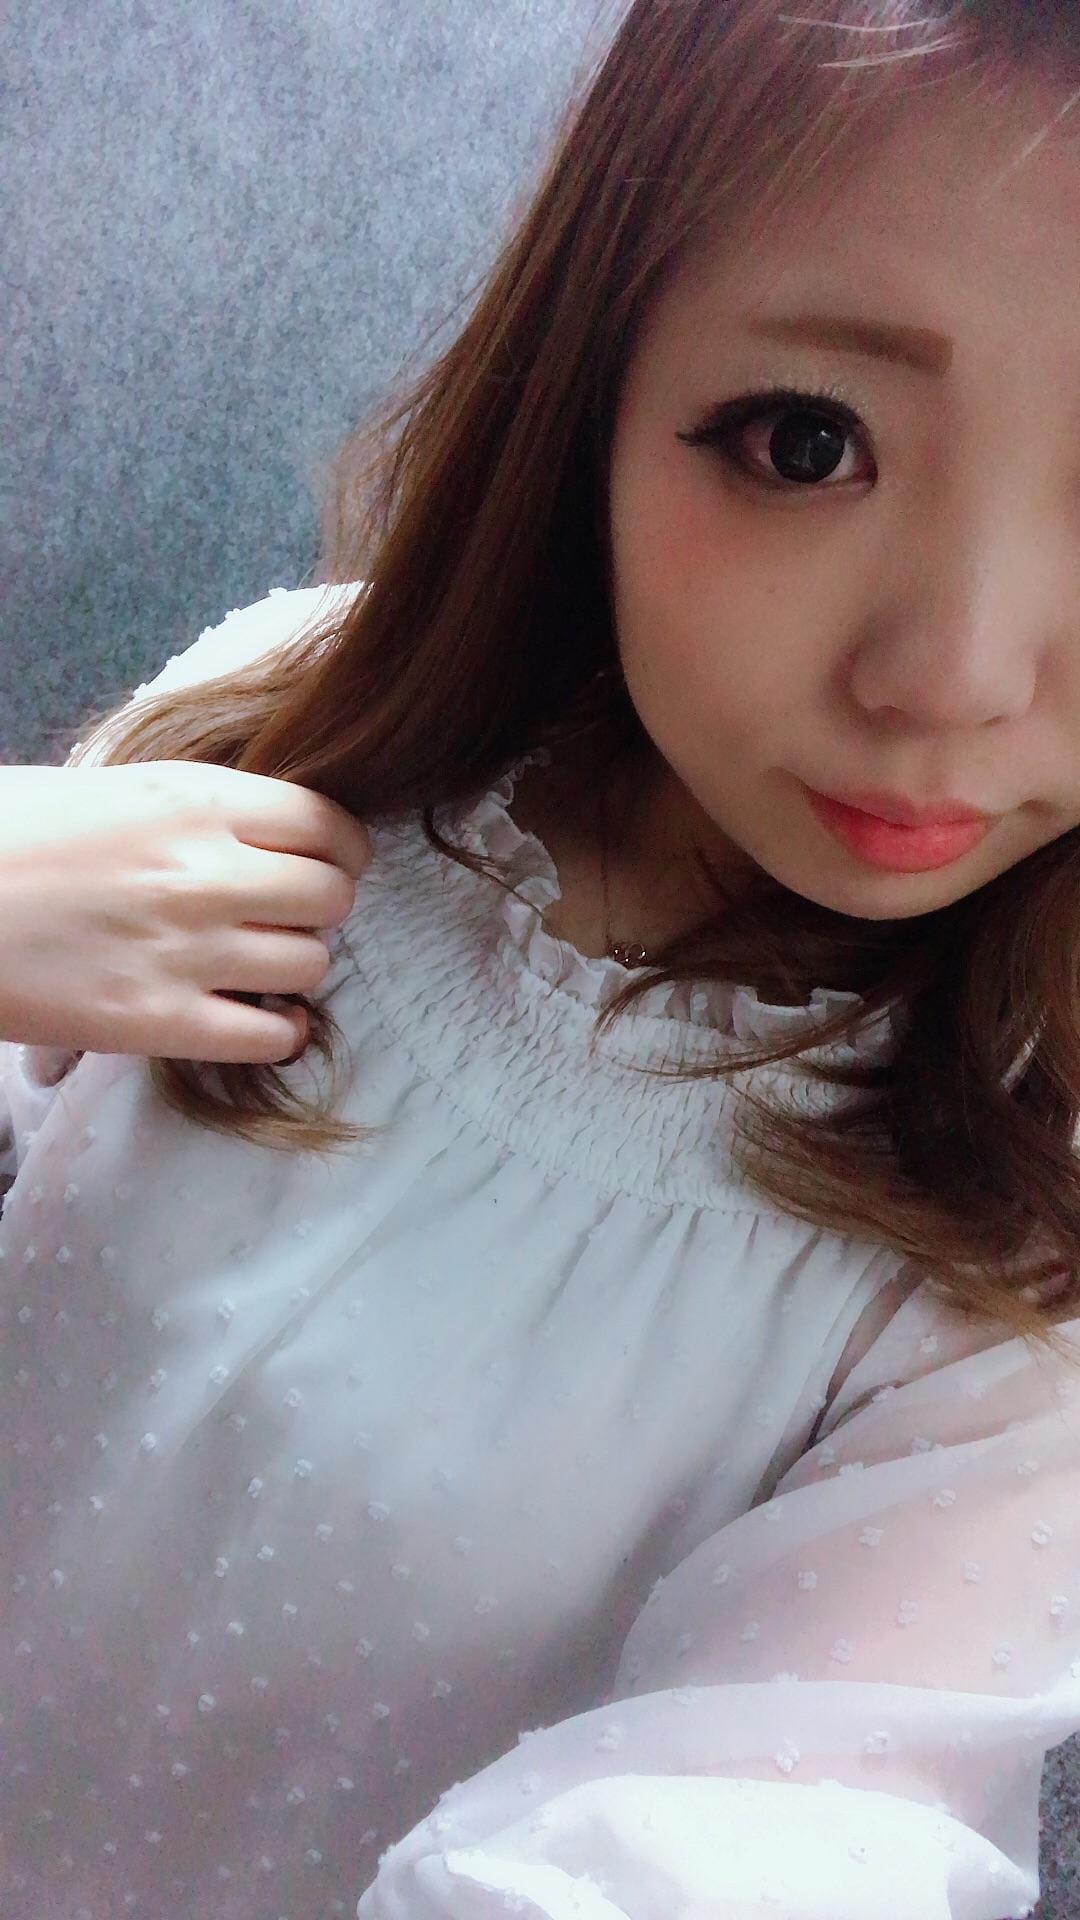 「ありがとう♡」09/26(水) 02:31   サクラの写メ・風俗動画